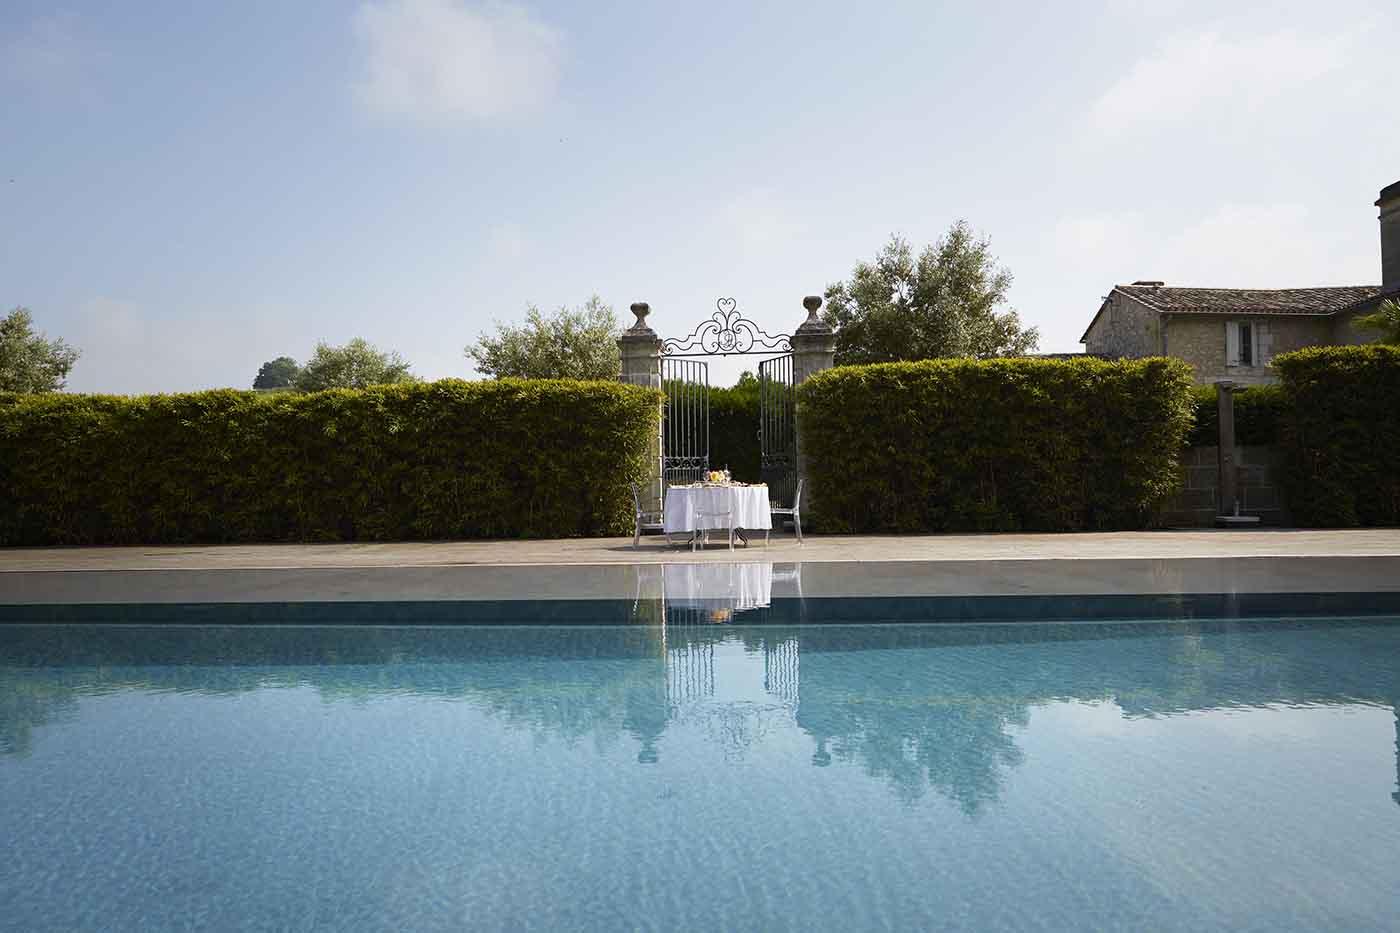 chateau dauphine piscine les balades de claire. Black Bedroom Furniture Sets. Home Design Ideas